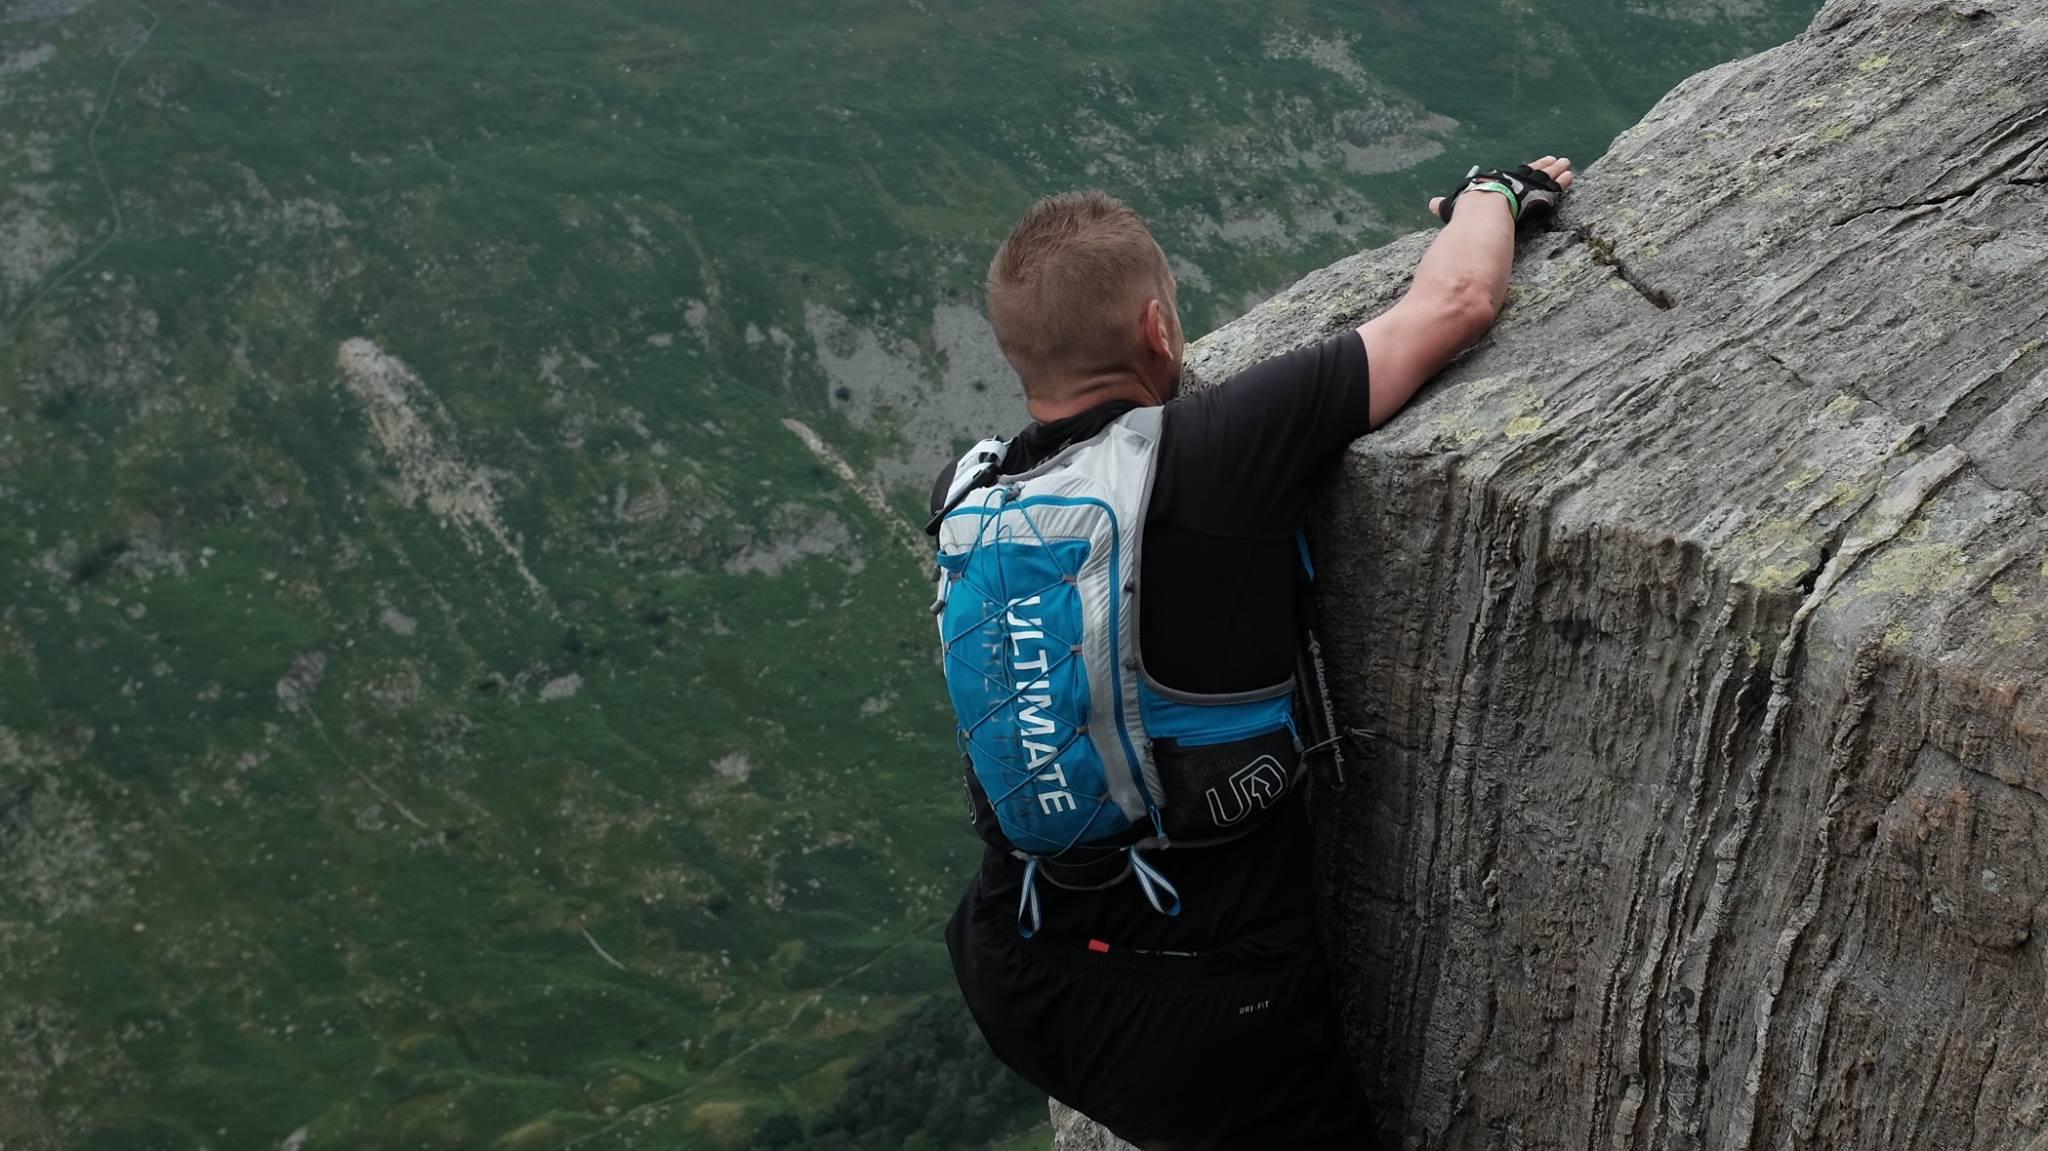 Arnoud på Pinnacle ridge